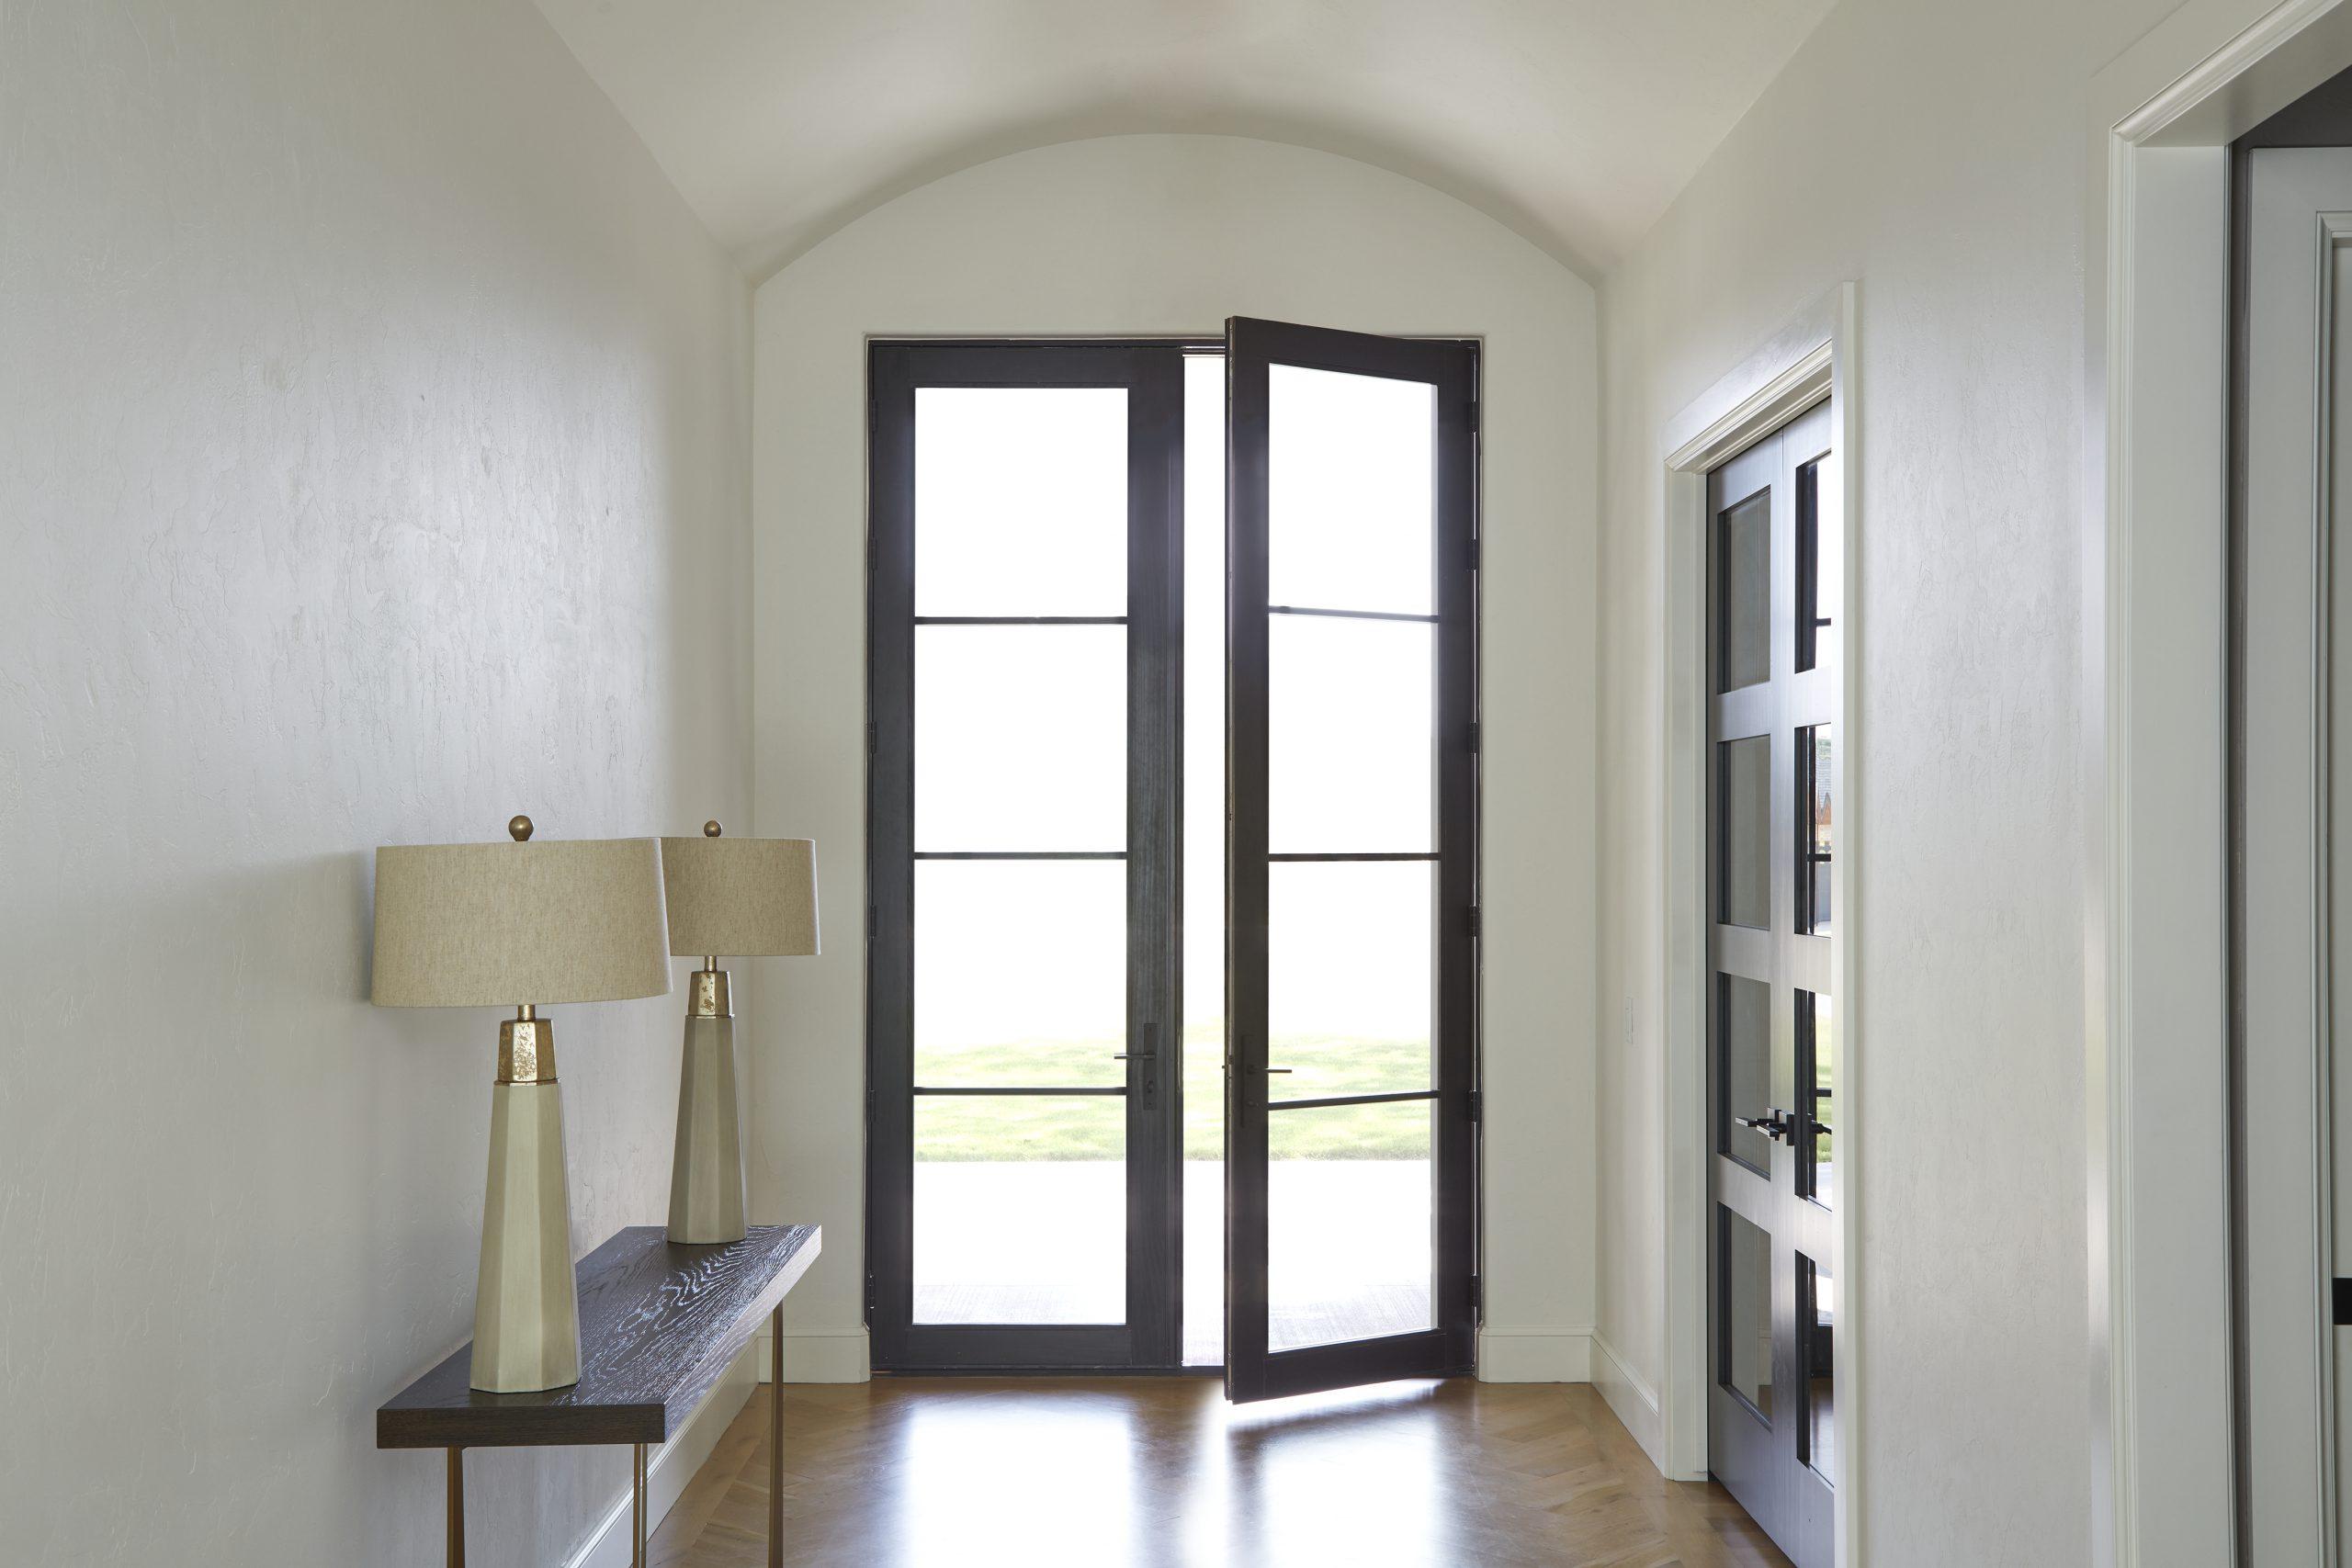 דלתות עץ בעיצוב יוקרתי